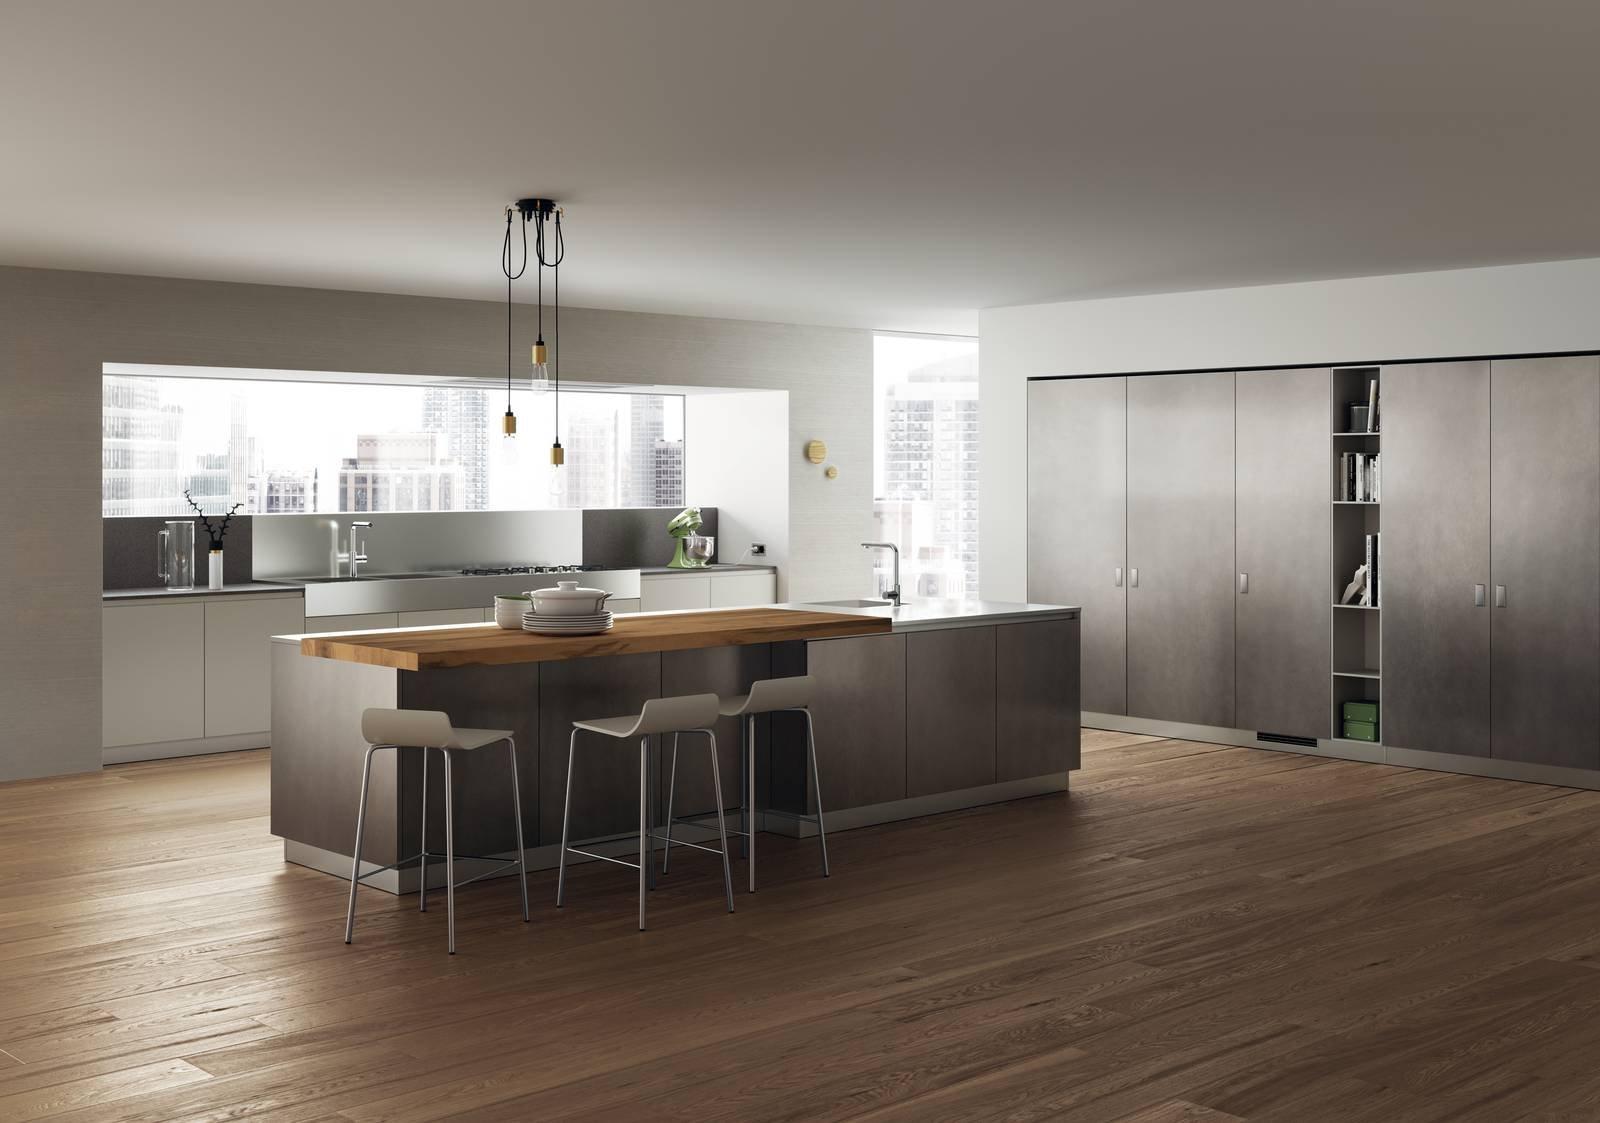 Cucina con l 39 isola in genere divise in due blocchi cose di casa - Cucine open space con isola ...